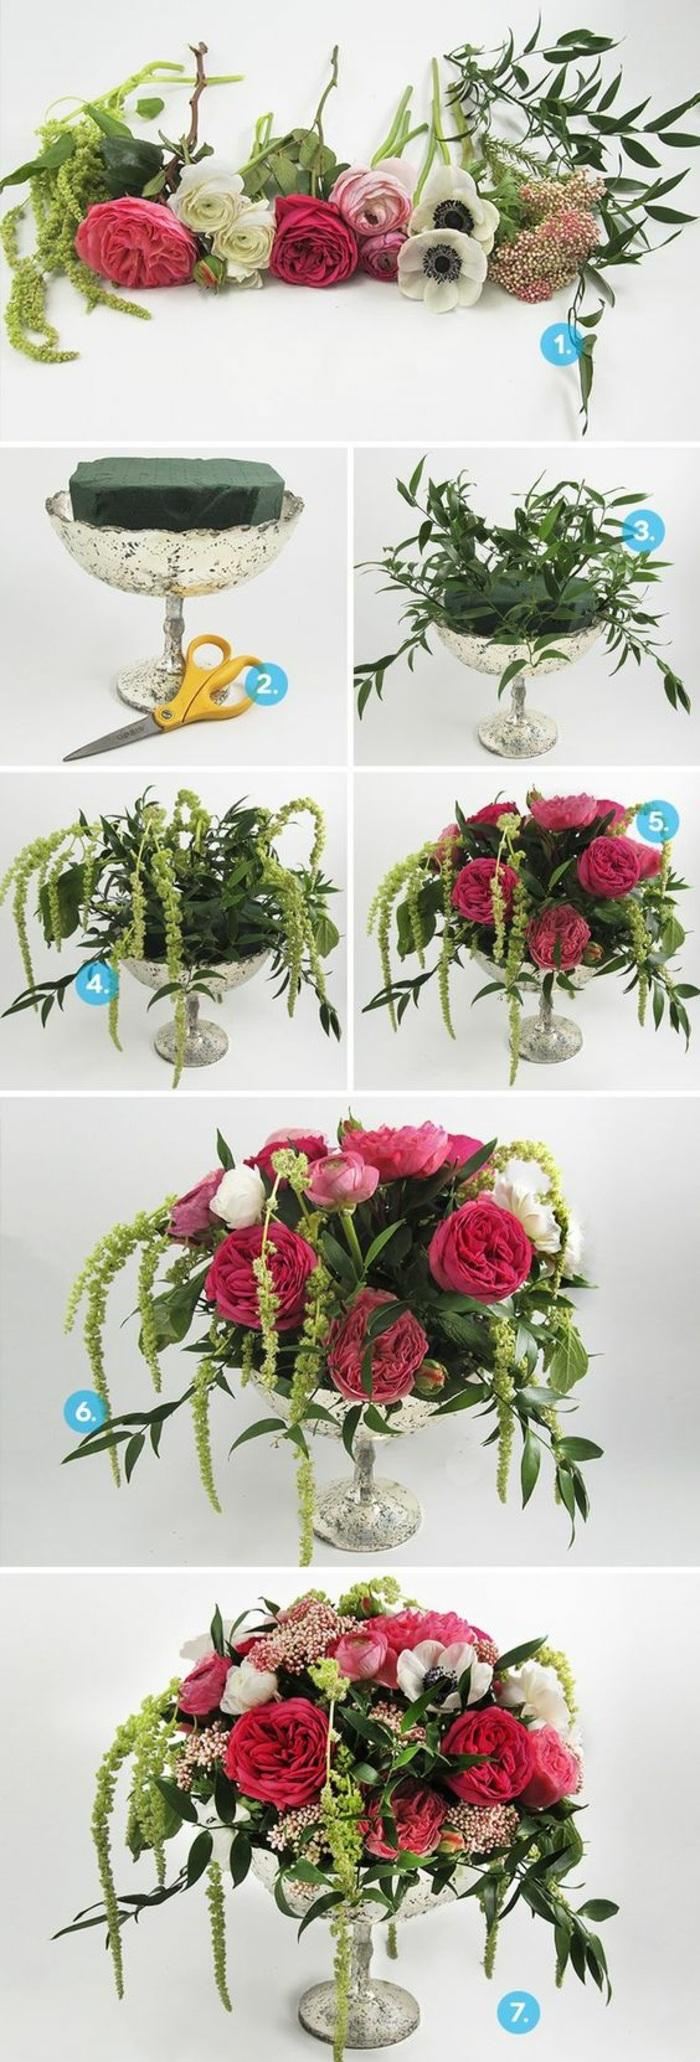 dekotipps, silberne vase, steckschwamm mit rosen, blumen arrangieren